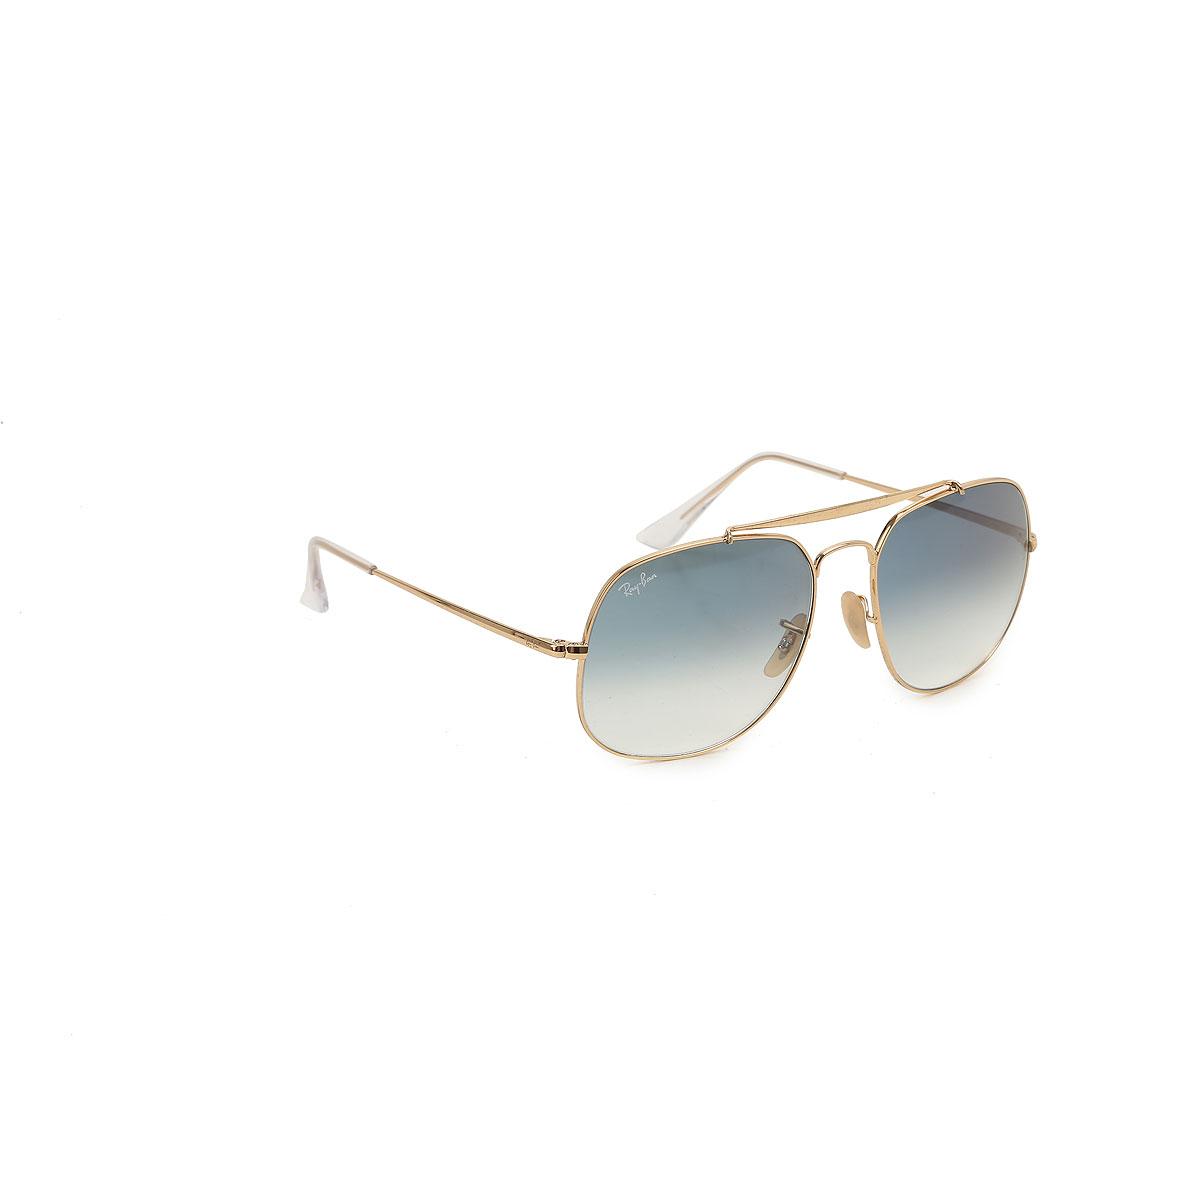 Gafas y Lentes de Sol Ray Ban, Detalle Modelo: rb3561-011-3f